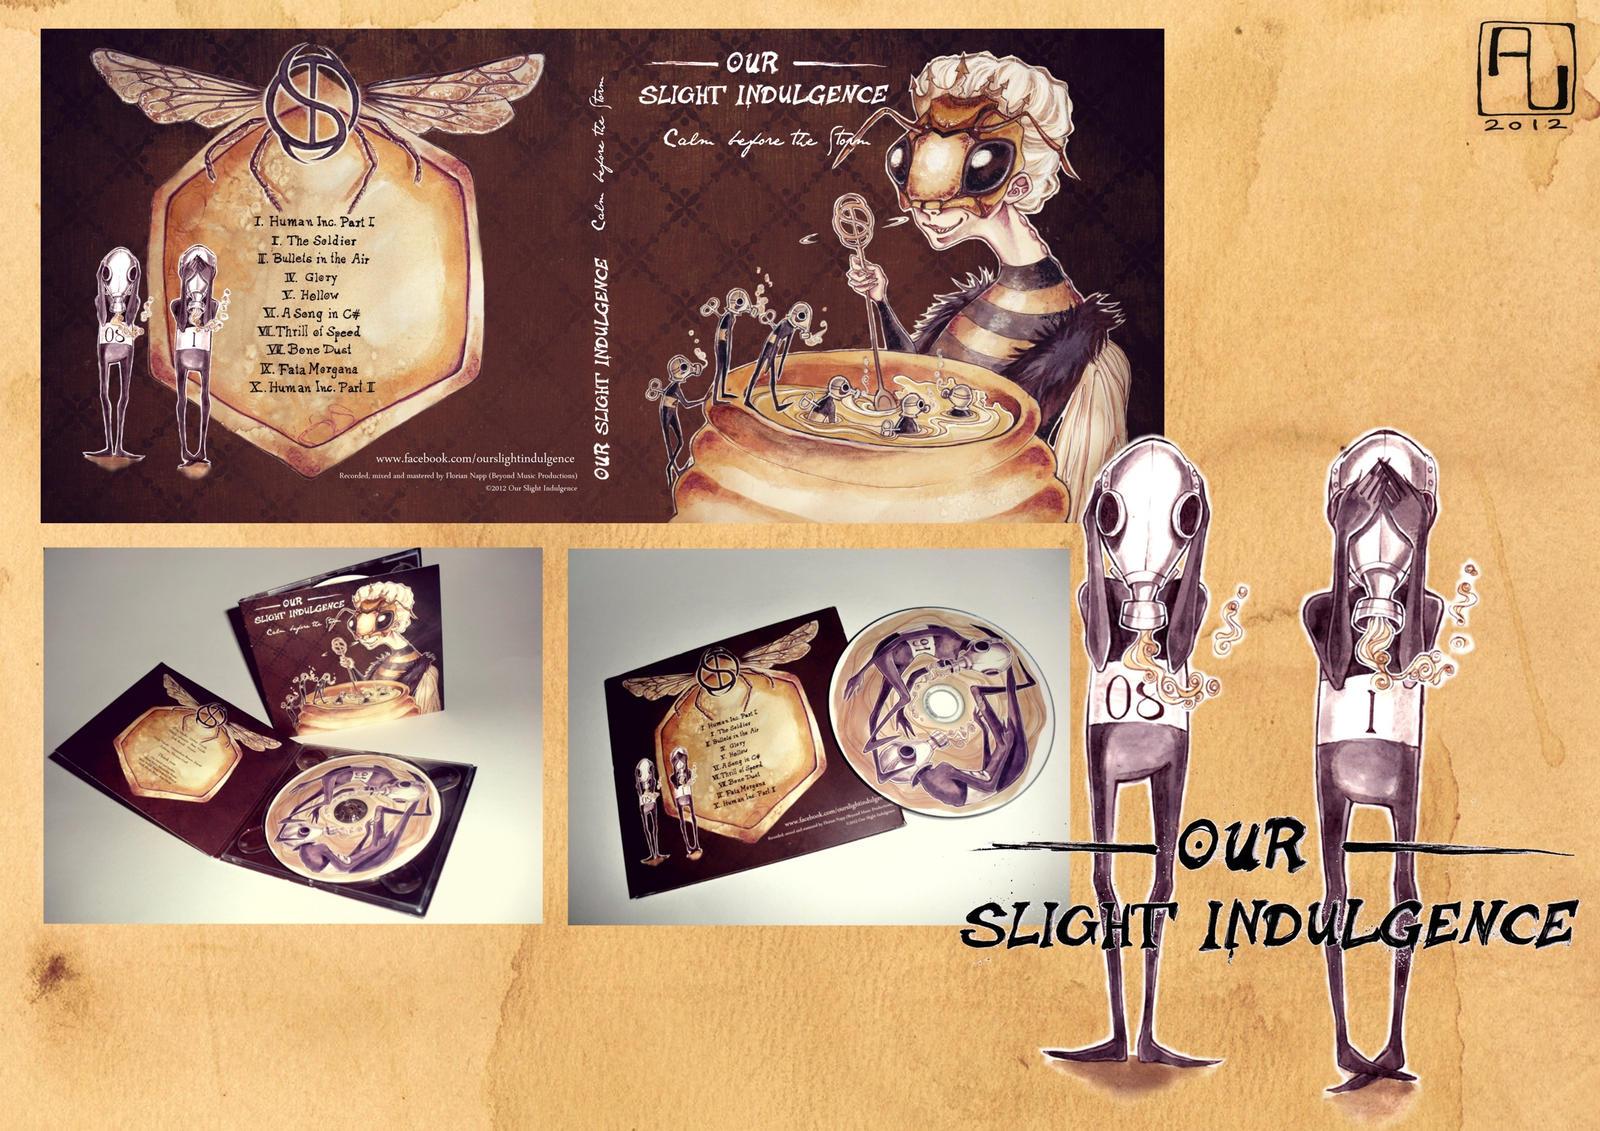 Album Cover Art - 'Our Slight Indulgence' by anja-uhren